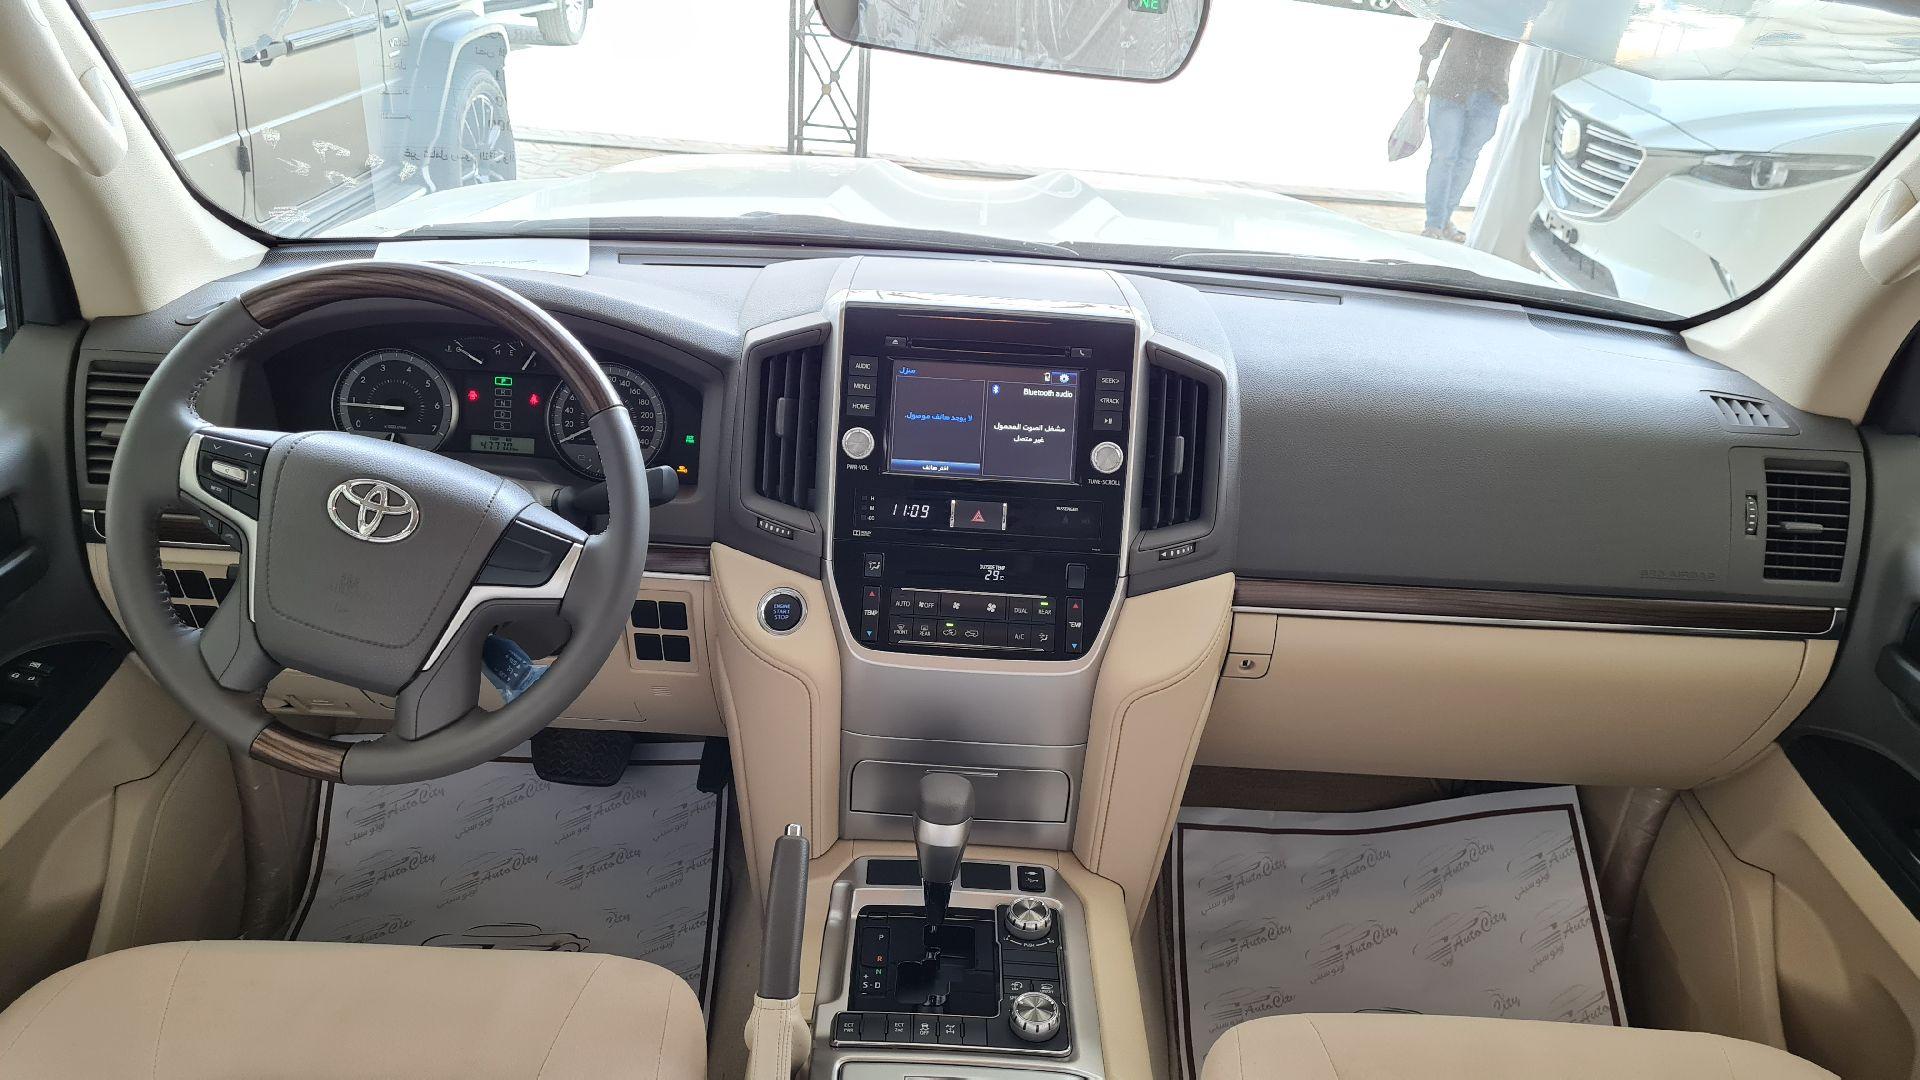 تويوتا لاندكروزر GXR خليجي 2021 نص فل للبيع في الرياض - السعودية - صورة كبيرة - 11